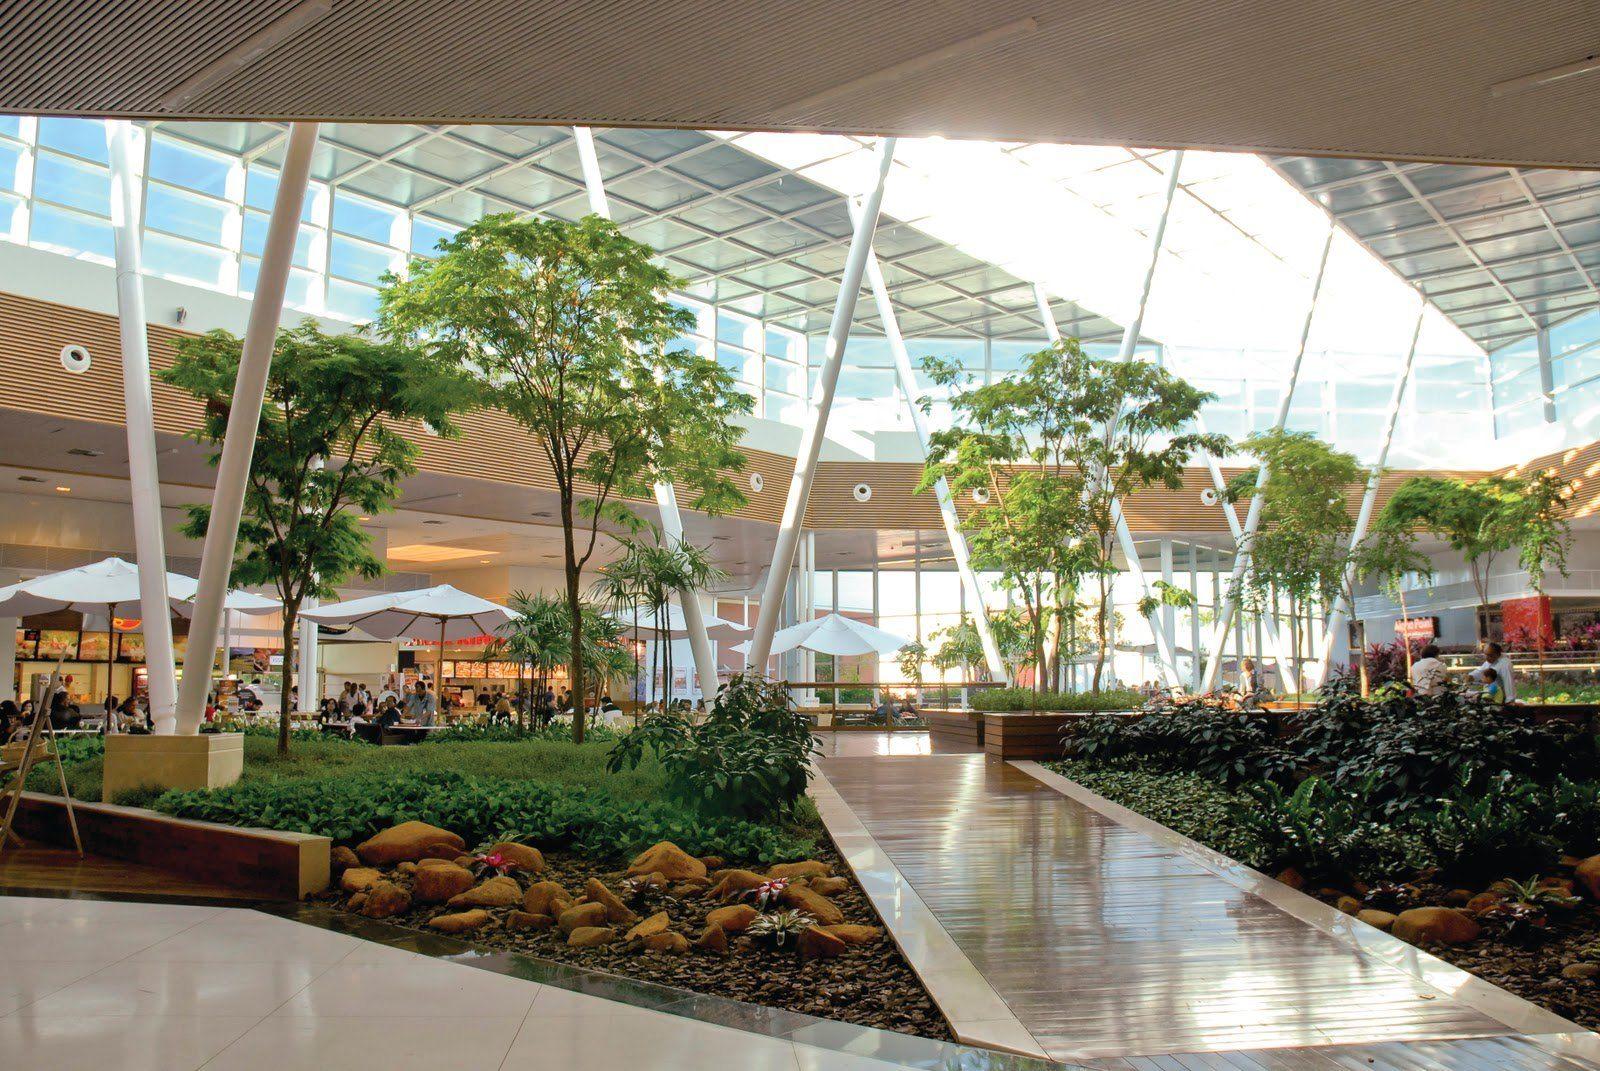 Praca De Alimentacao Catuai Shopping Center Arquitetura